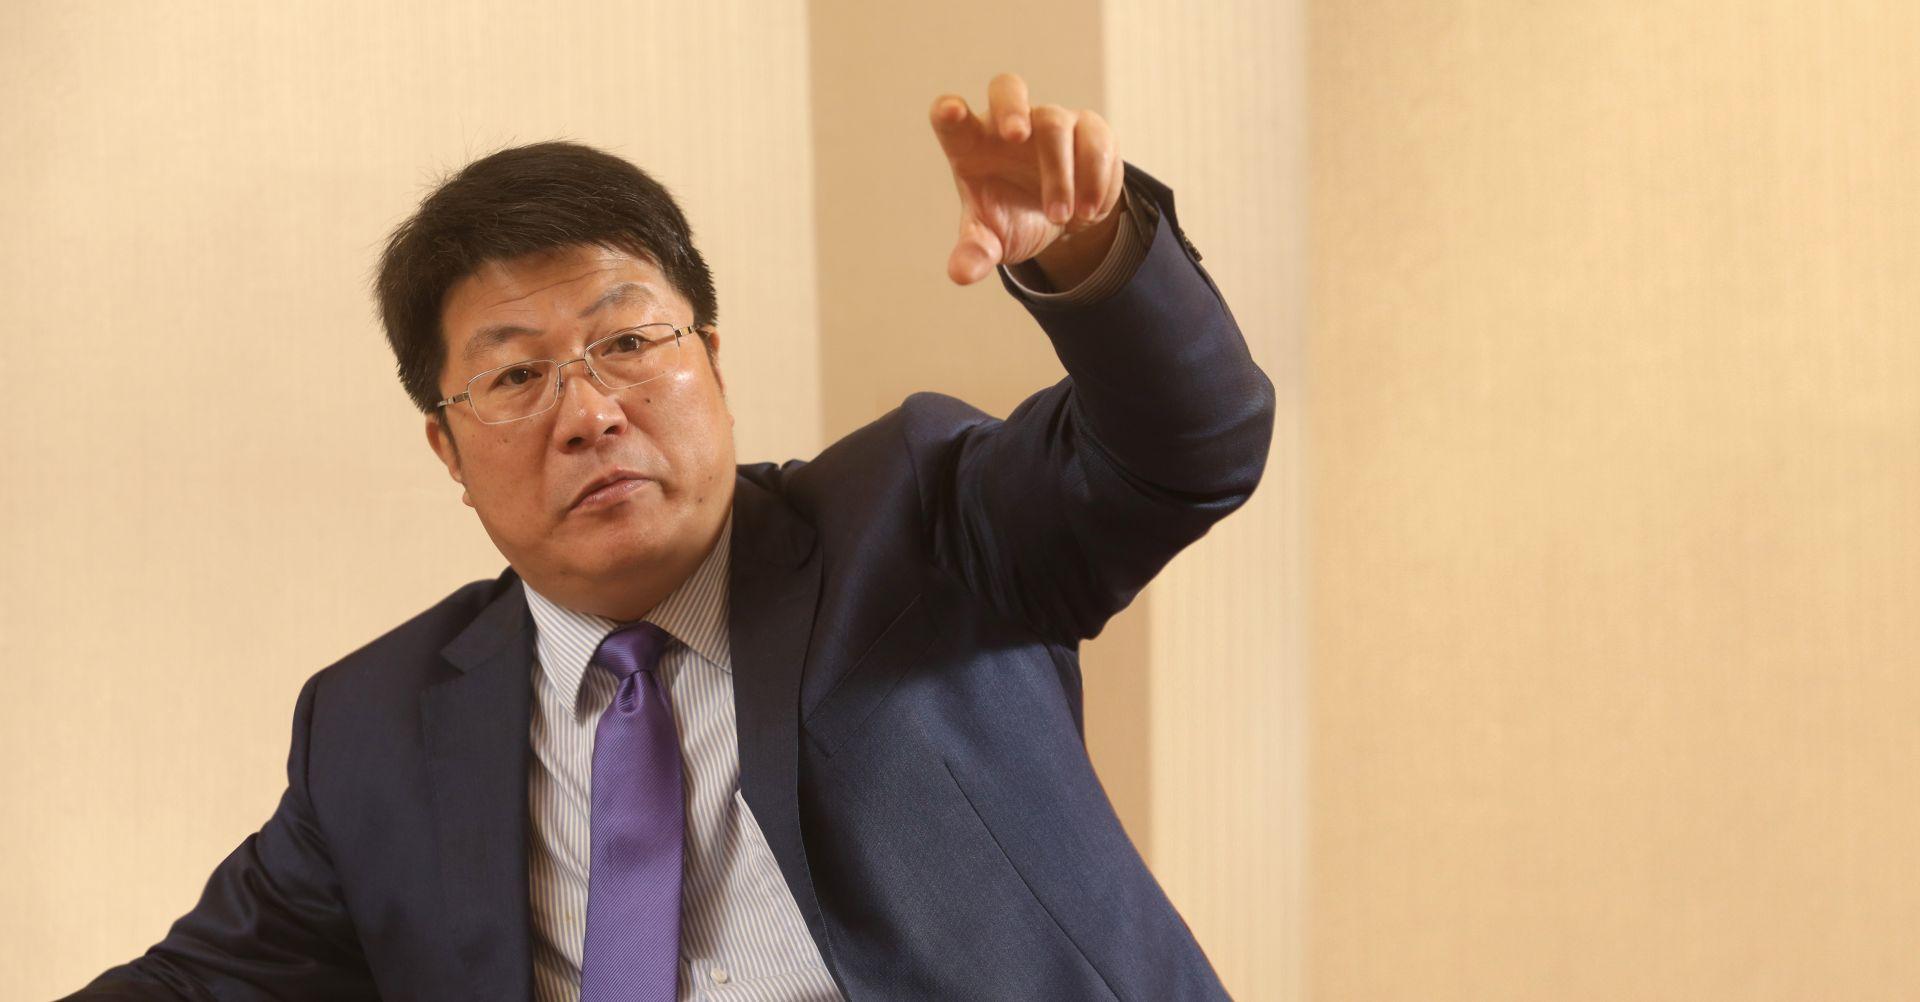 中國半導體土豪也低頭 四年前狂言「買下聯發科」 現在說中國IC業「還要坐十年冷板凳」